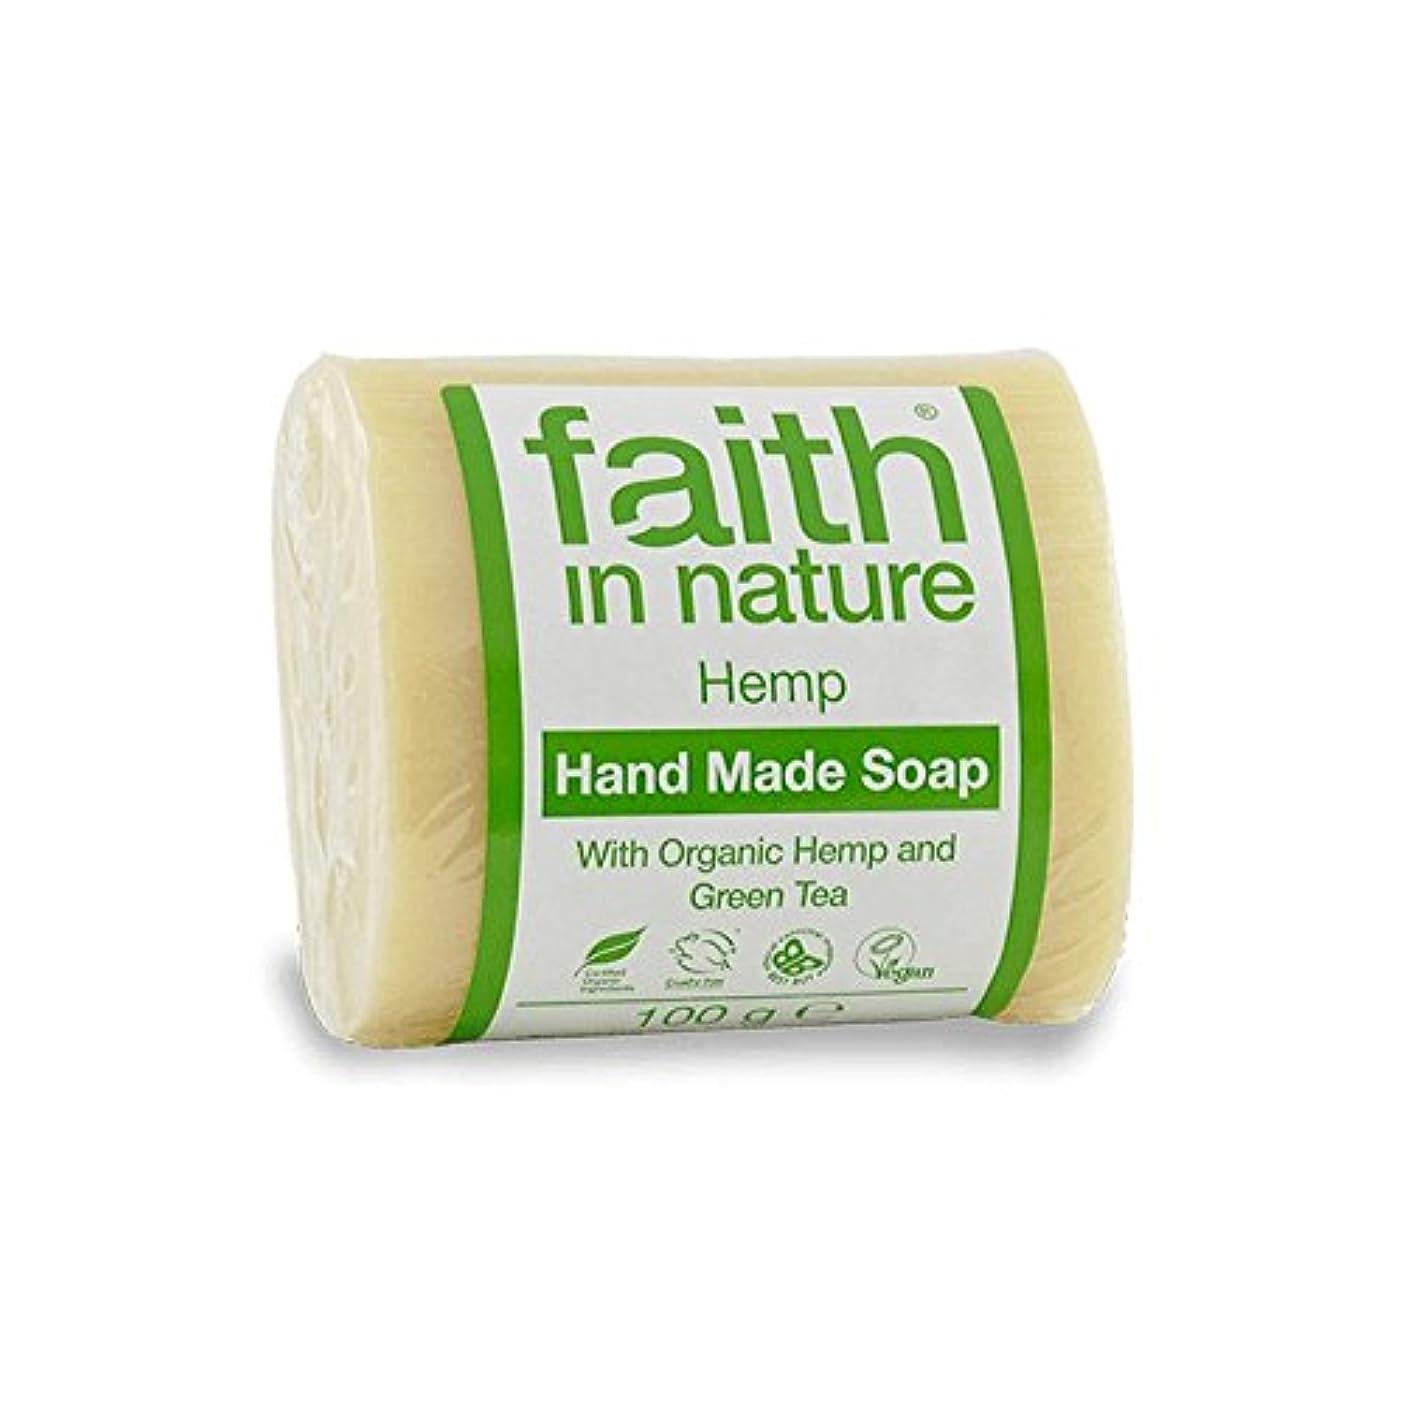 中止します選択悲劇Faith in Nature Hemp with Green Tea Soap 100g (Pack of 6) - 緑茶石鹸100グラムと自然の麻の信仰 (x6) [並行輸入品]